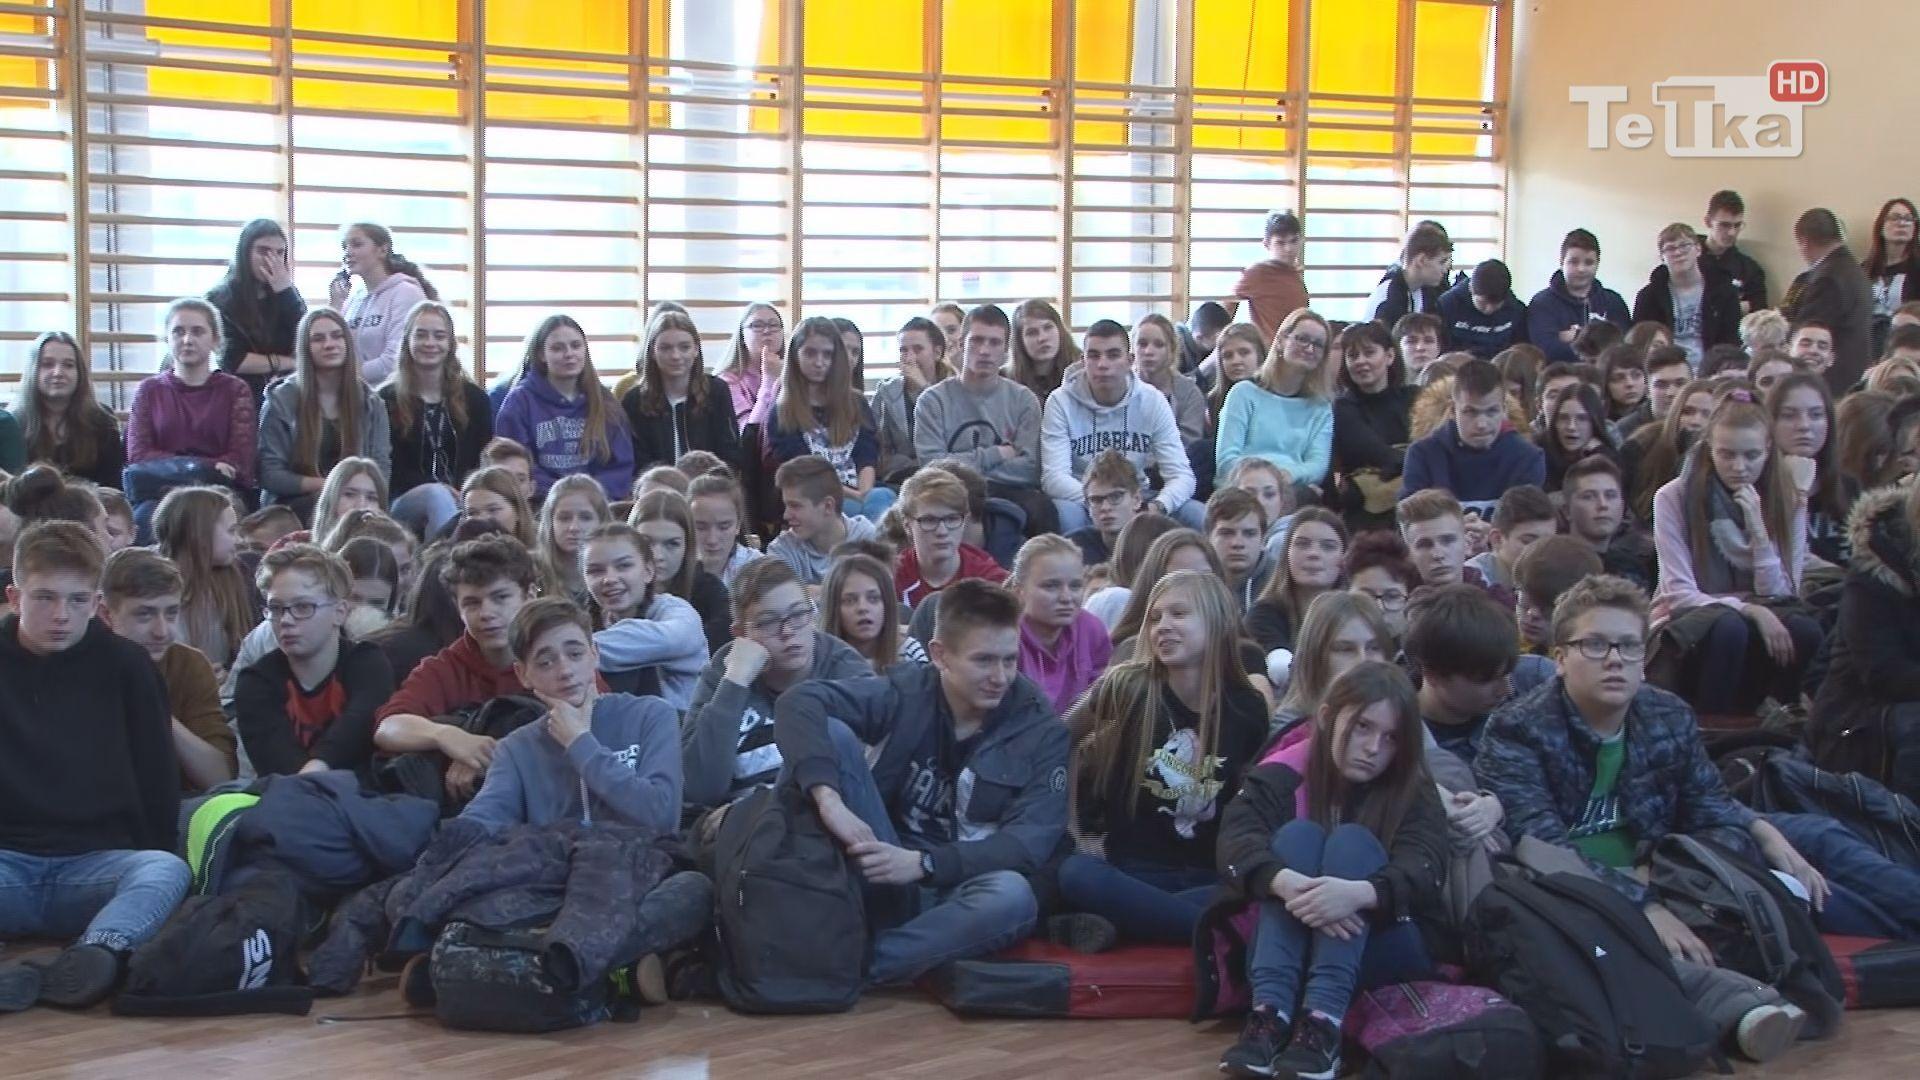 młodzież szkół średnich wzięła udział w targach - Festiwal Kariery